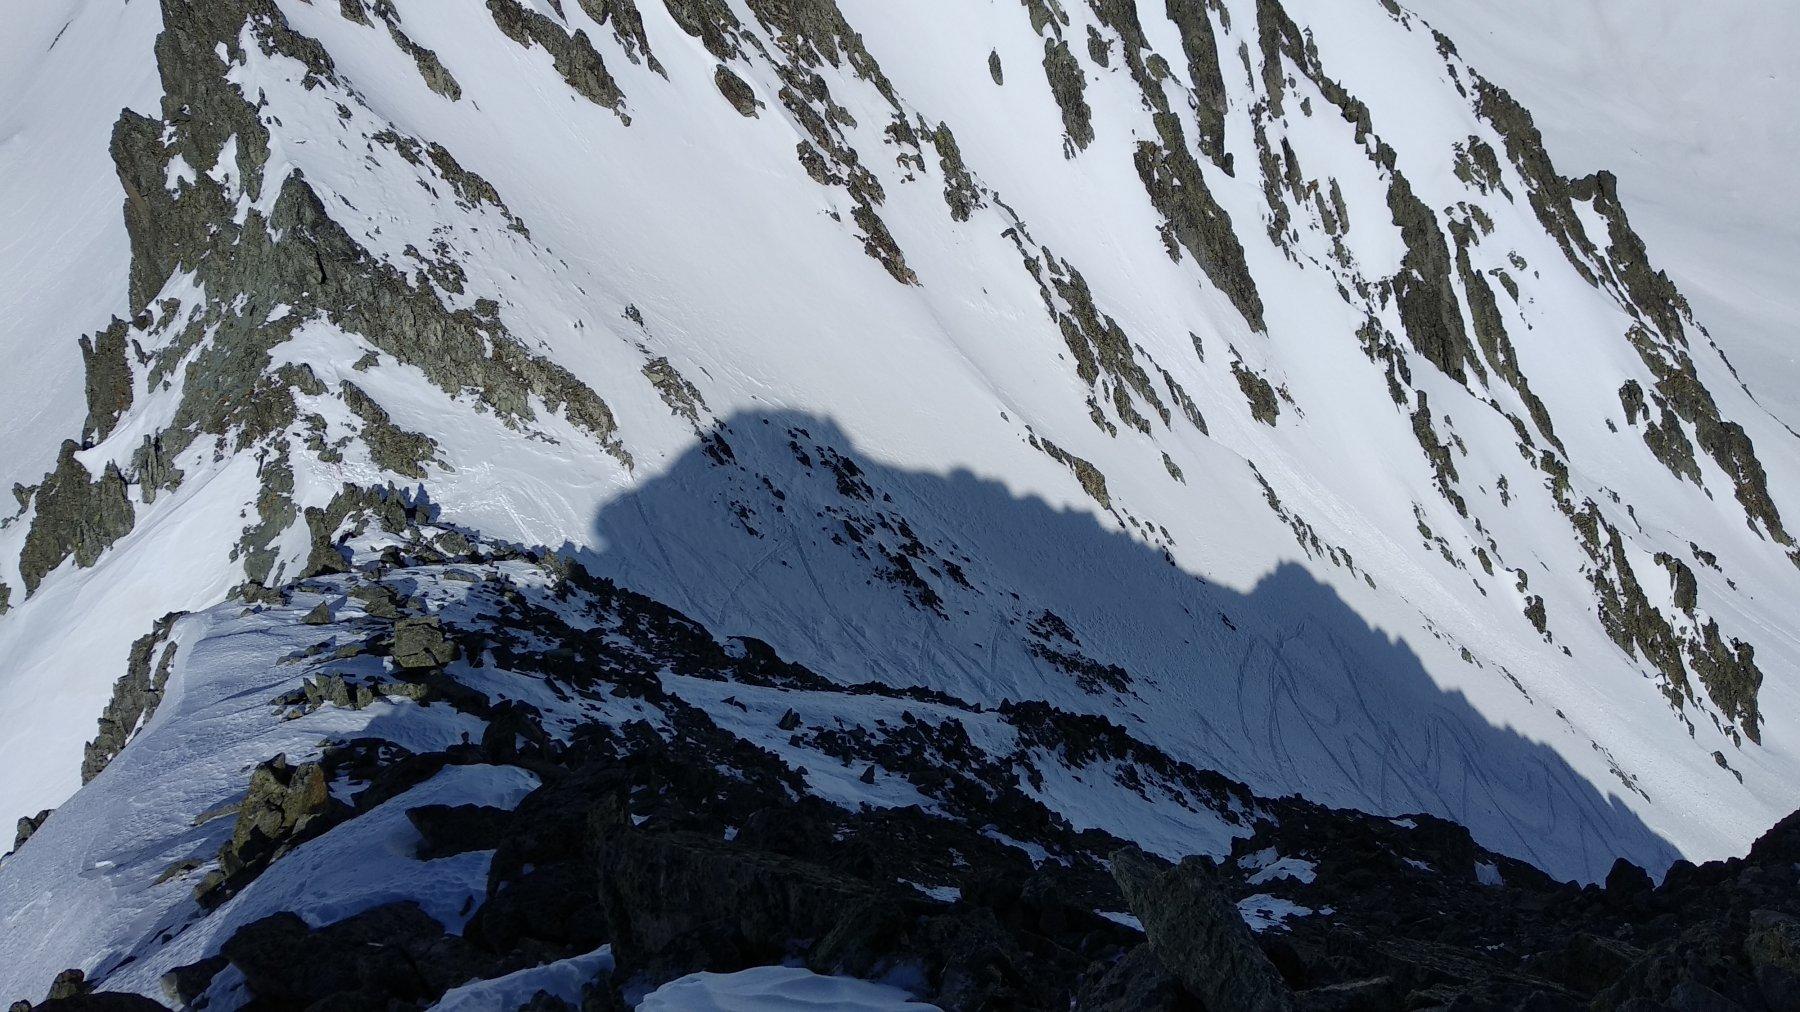 il colle visto salendo verso la cima